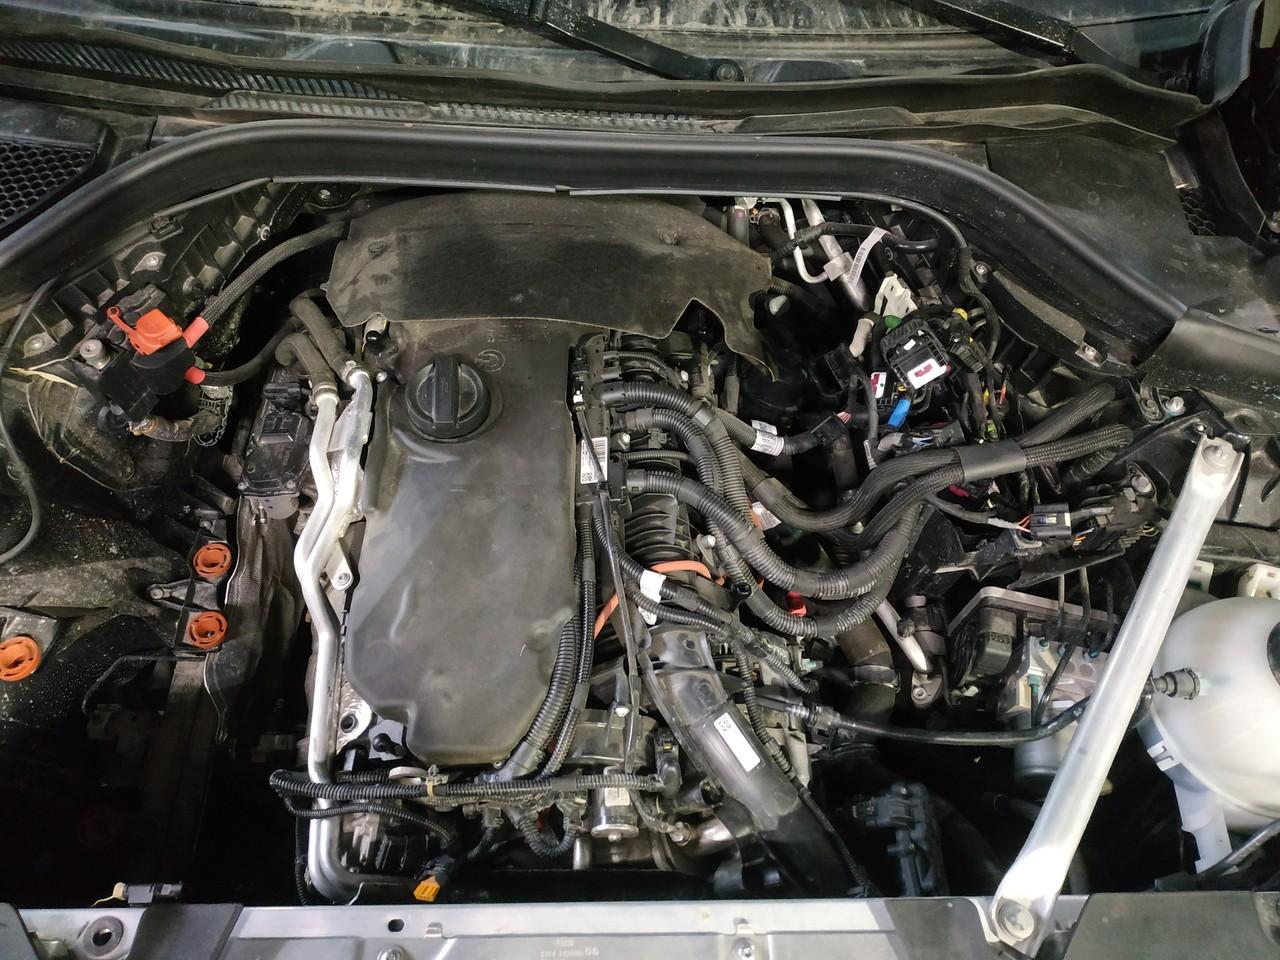 двигатель B57, BMW X3 G01 30d